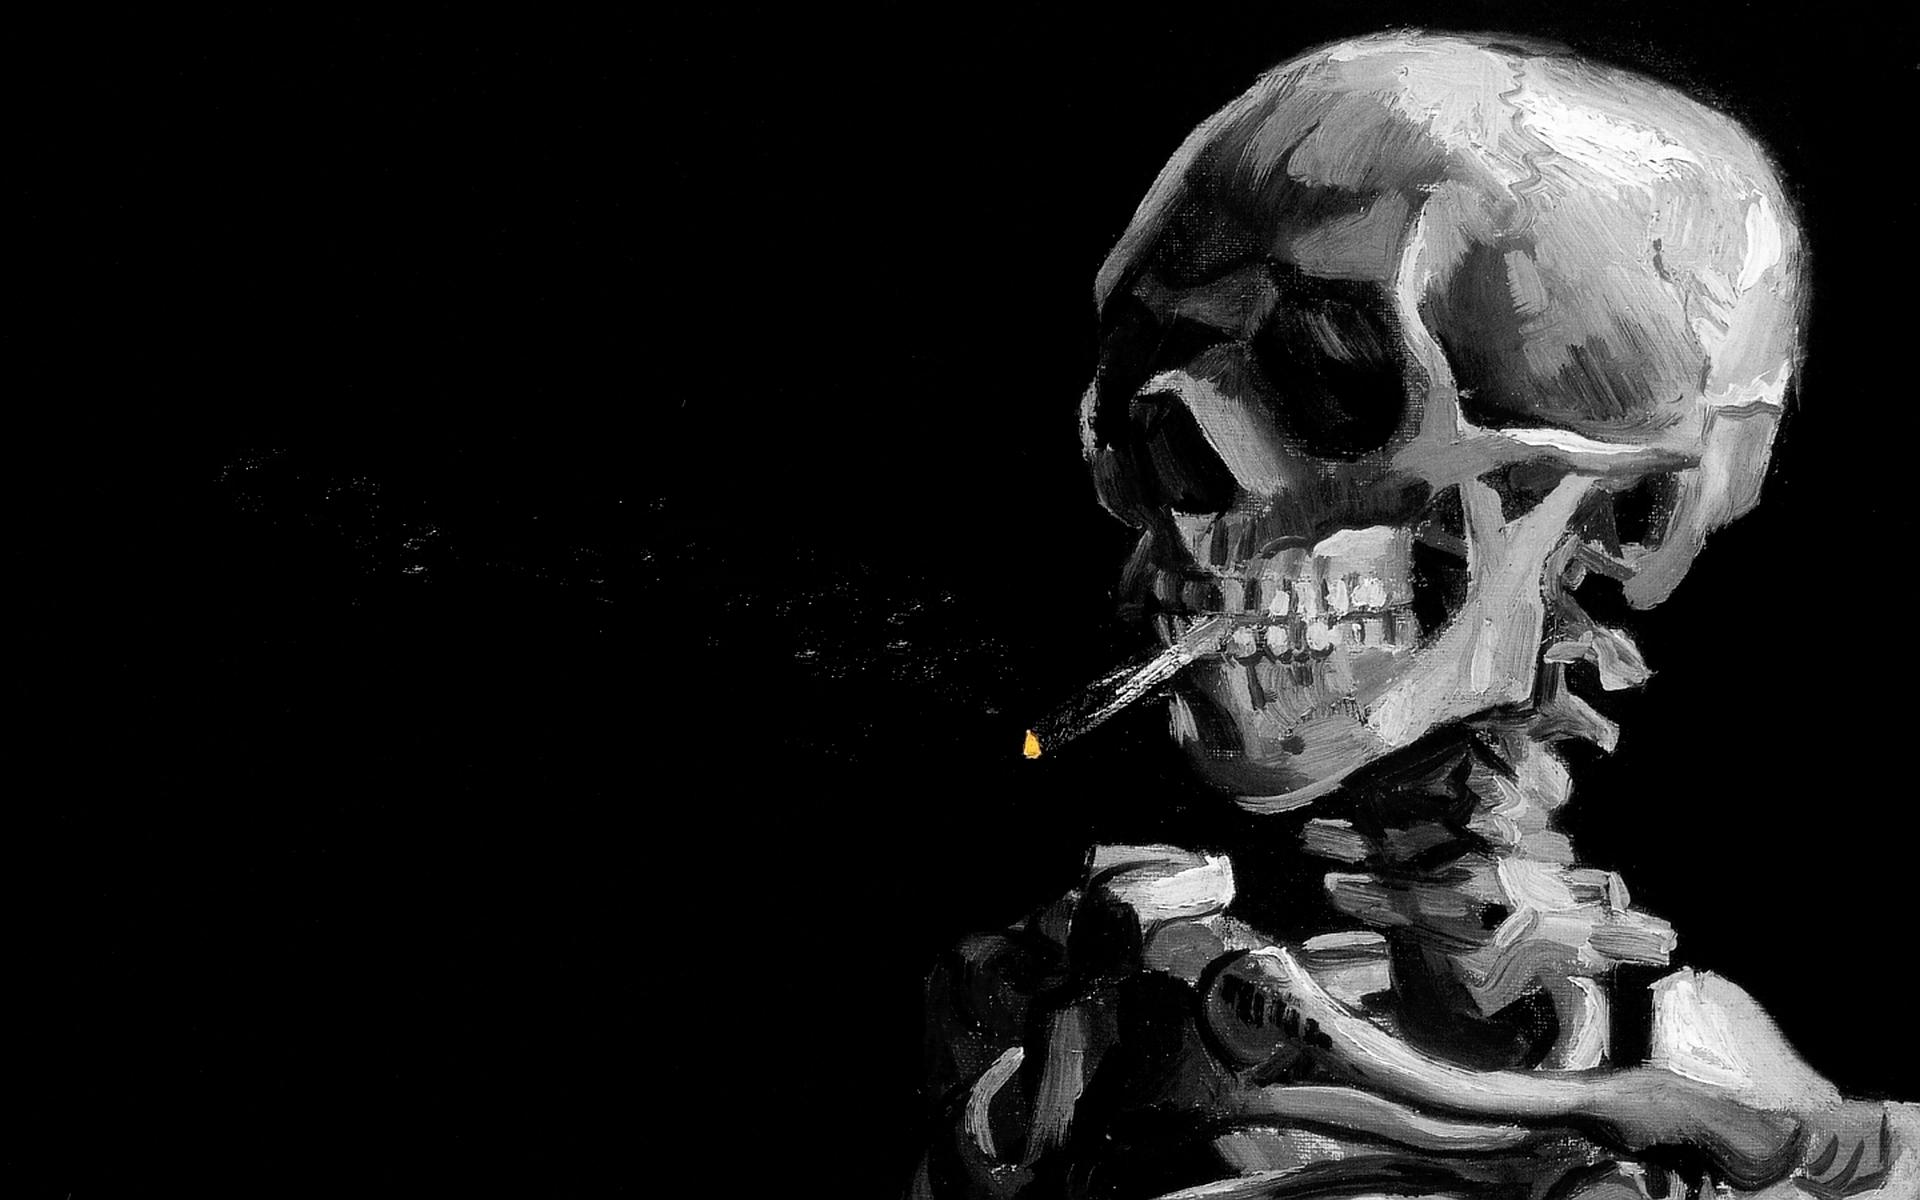 download wallpapers 2560x1600 skulls - photo #26